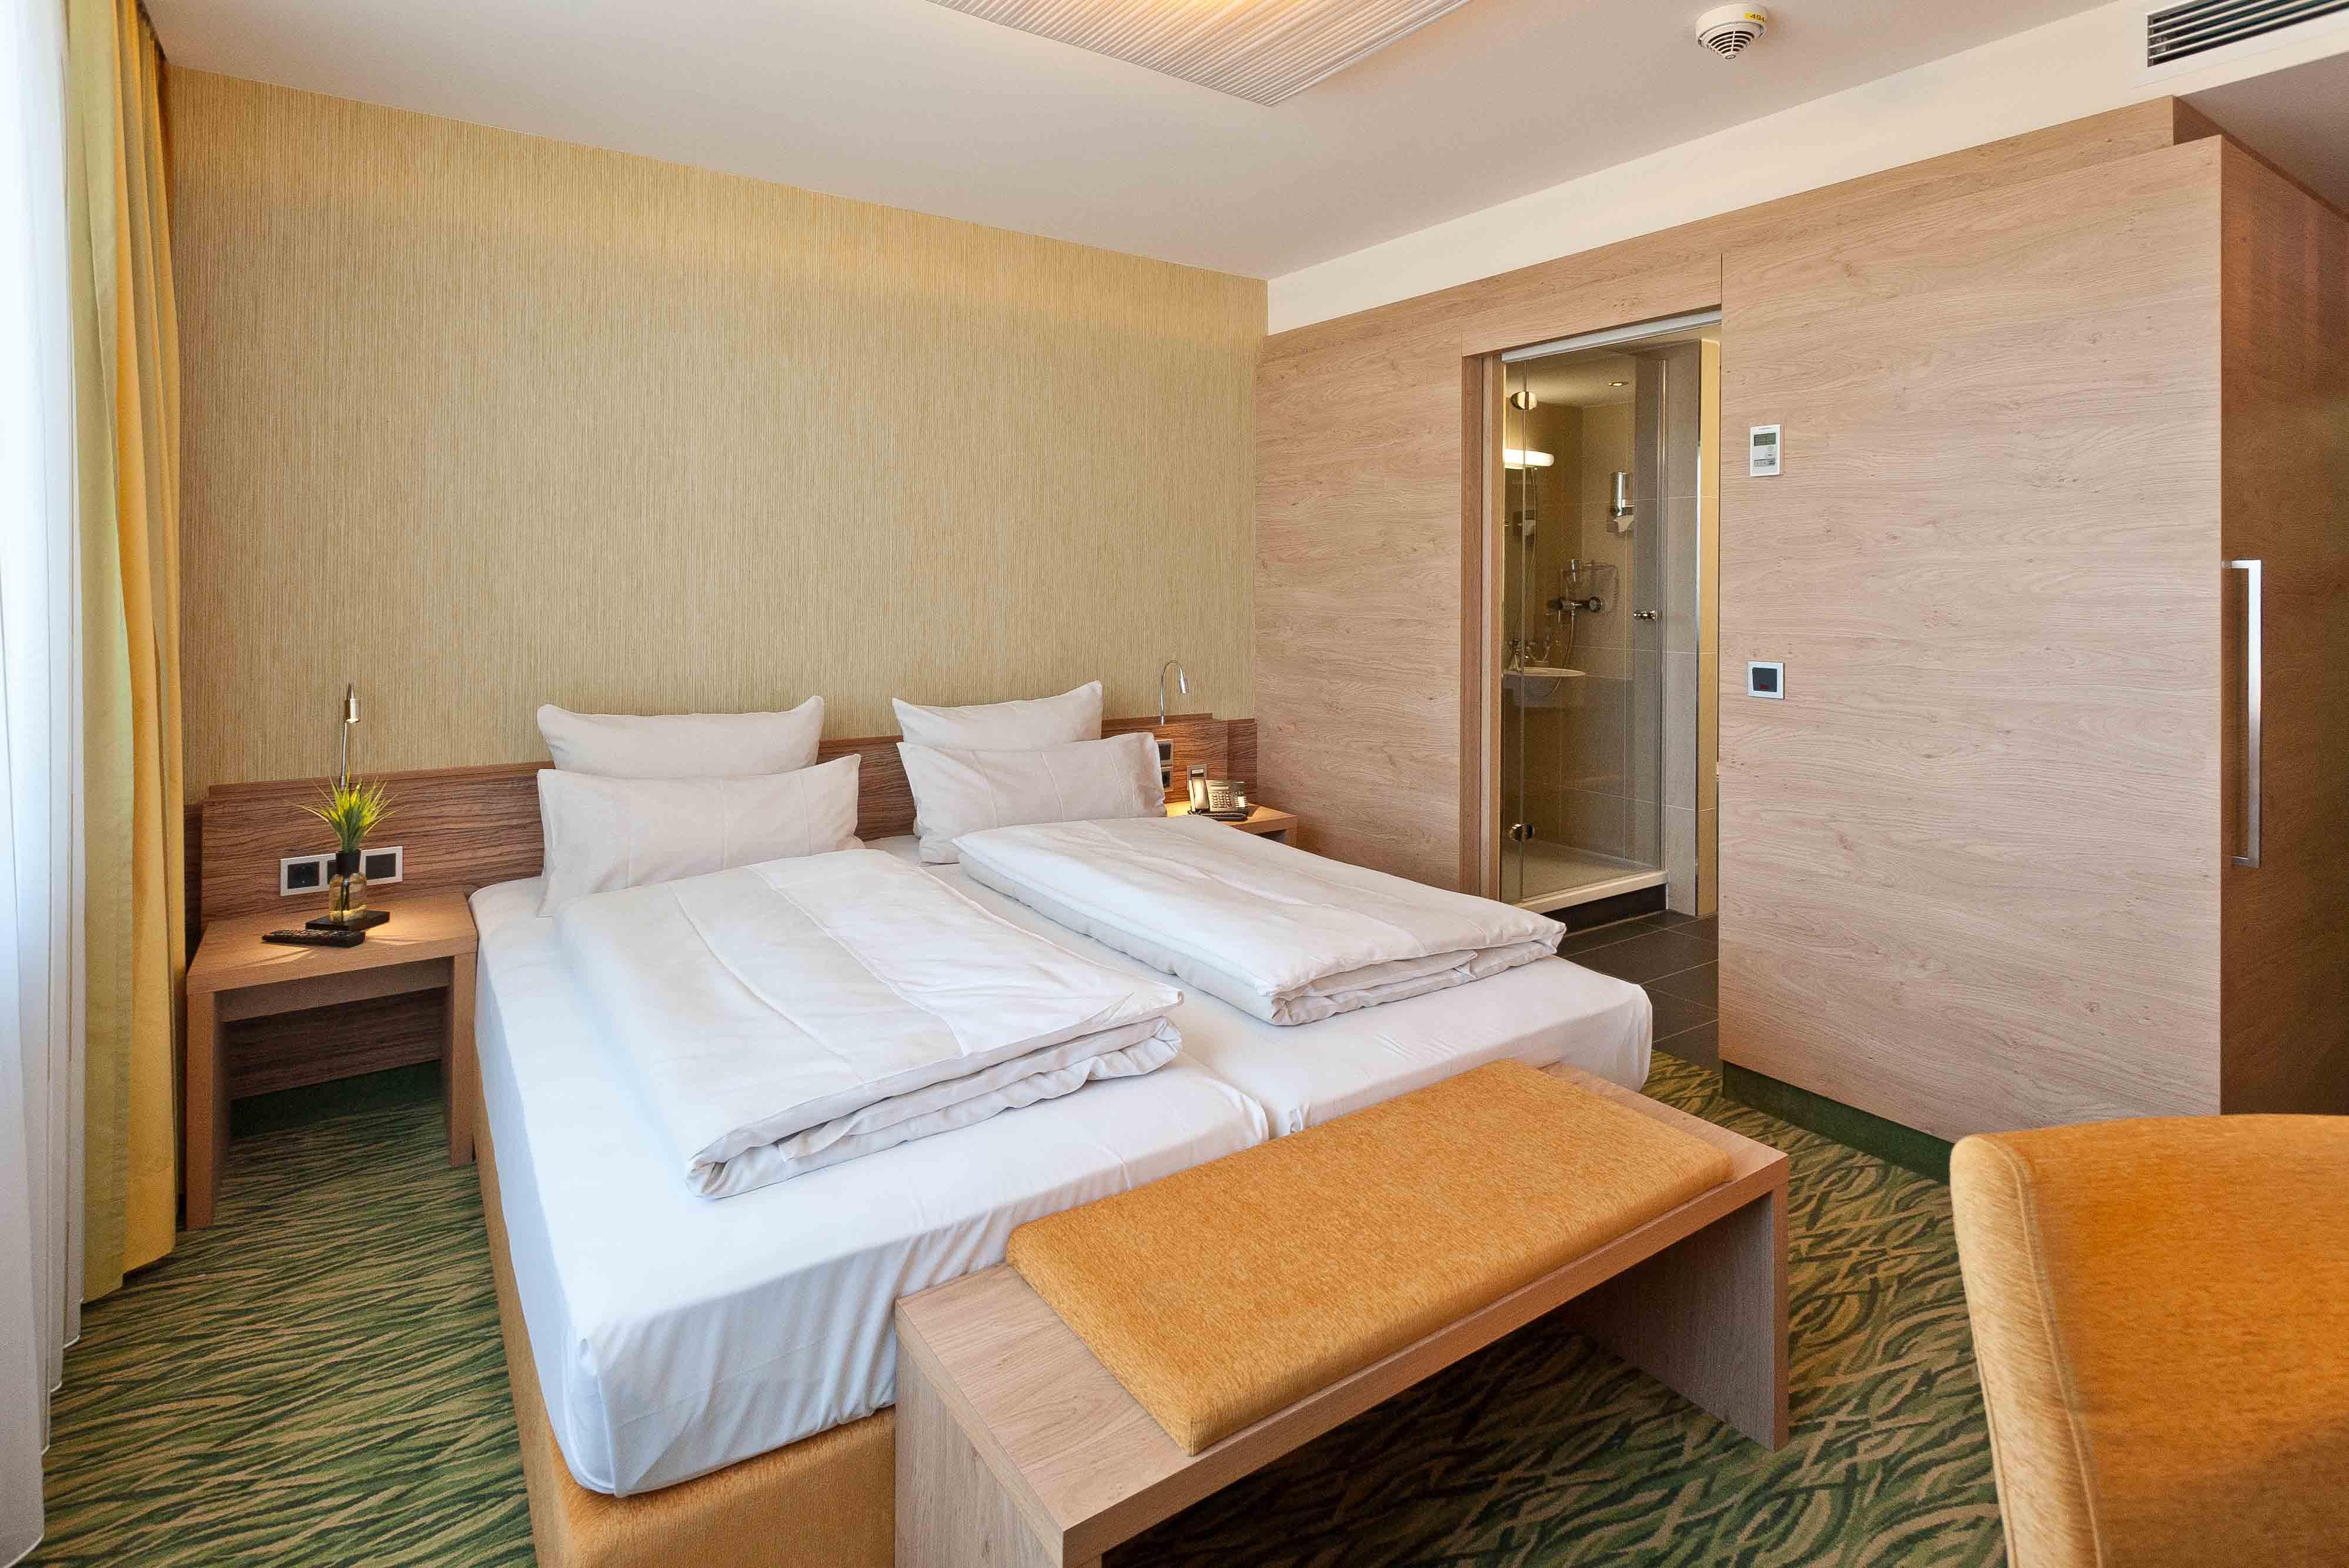 Mini Kühlschrank Zimmer : Mini kühlschrank für zimmer: lavendelzimmer mayrhof. hotel und